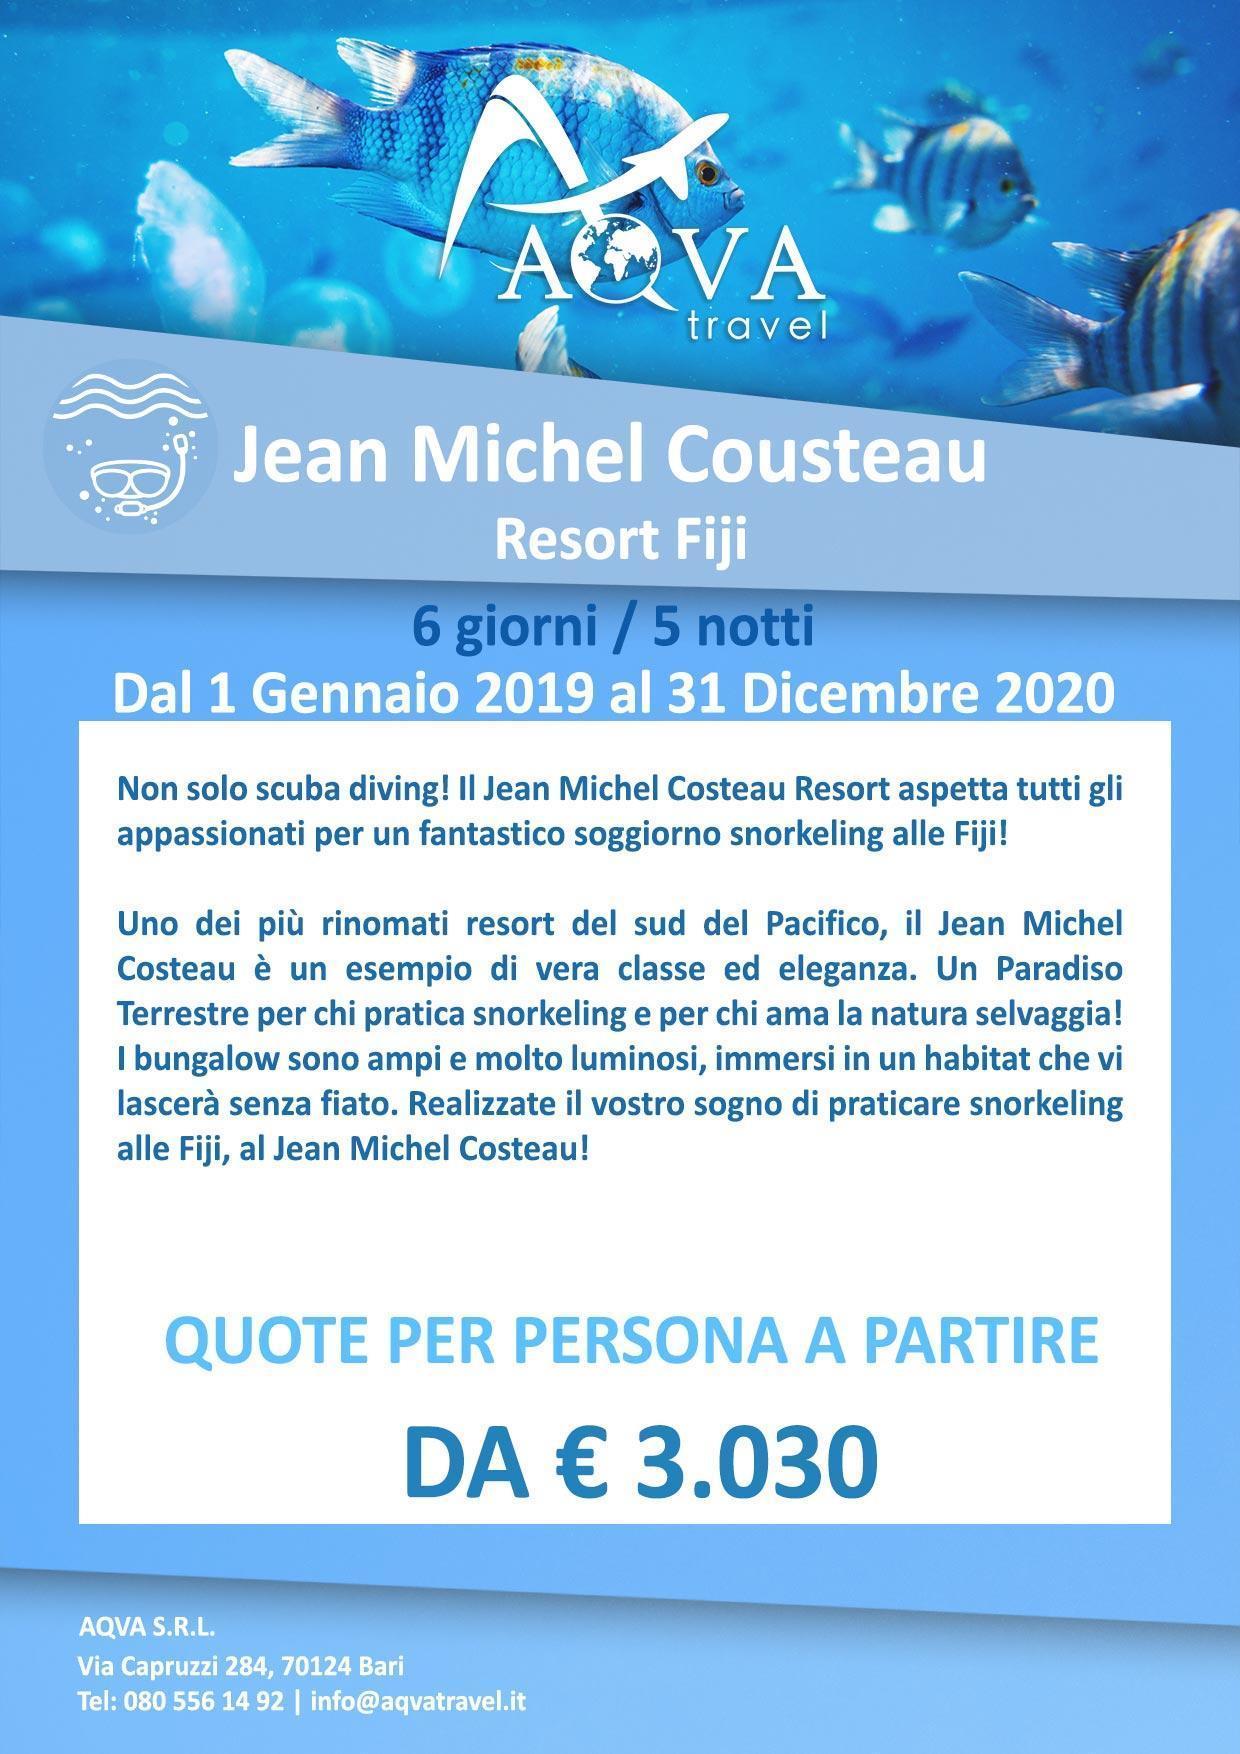 Subacquea-Jean-Michel-Cousteau-Resort-Fiji-subacquea-offerte-agenzia-di-viaggi-Bari-AQVATRAVEL-it